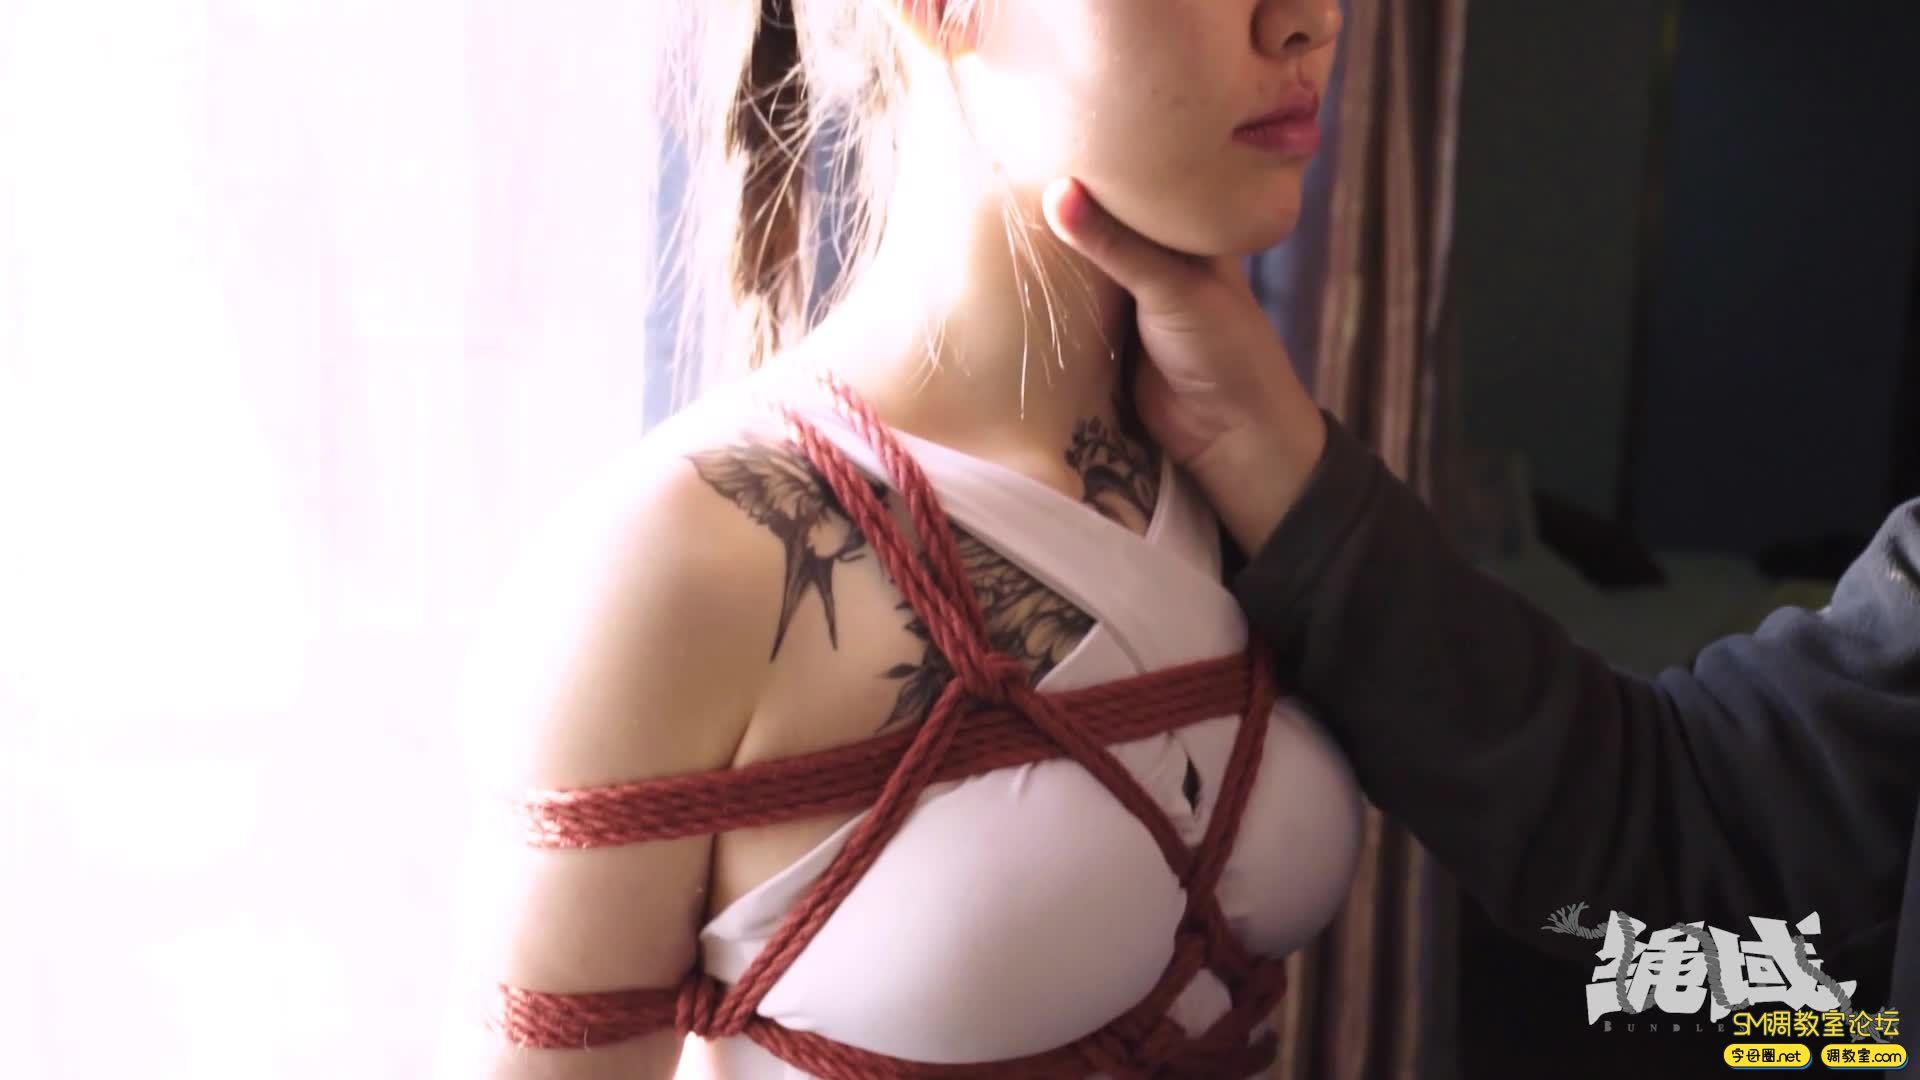 绳域 紧缚的美丽 柔韧性很好的模特-0.jpg-SM调教所论坛[国产绳艺在线播放专区]